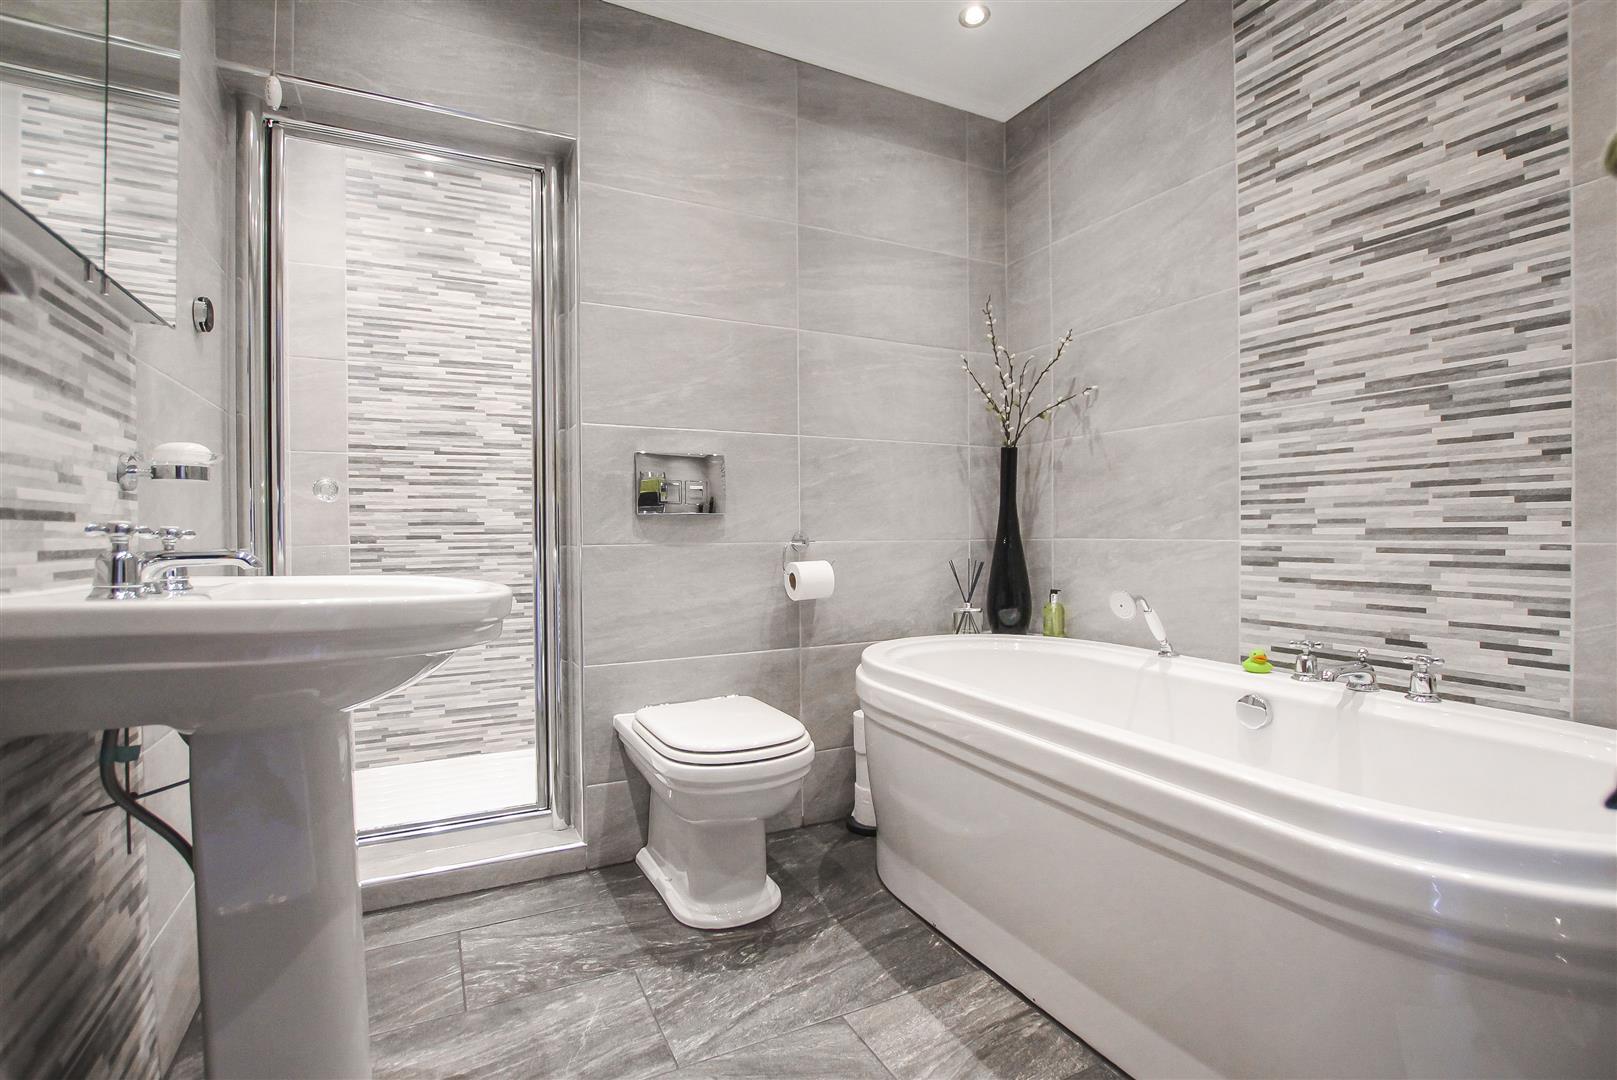 3 Bedroom Cottage For Sale - Bathroom